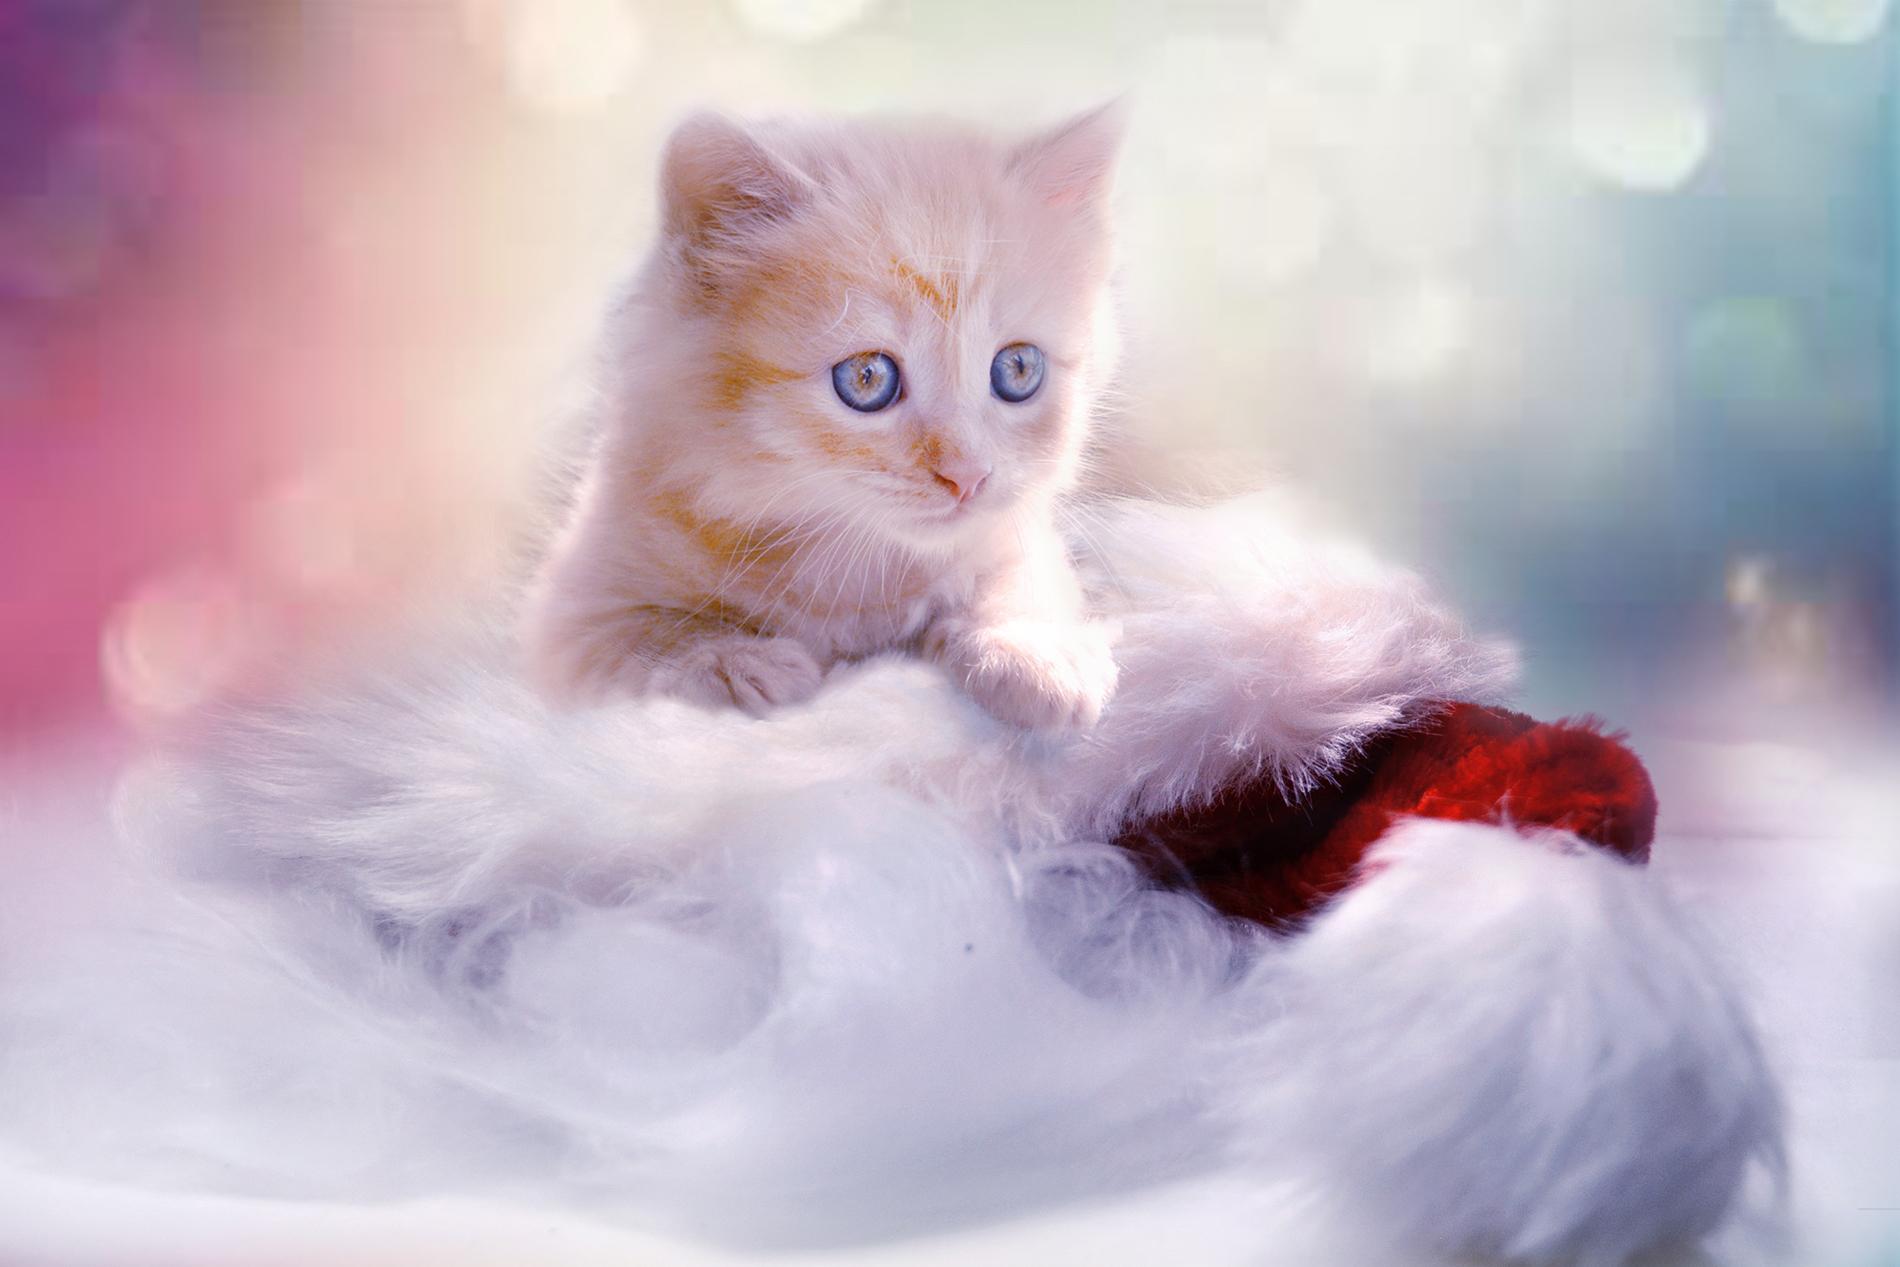 Cute Kitten 53934 - Kitty - Animal